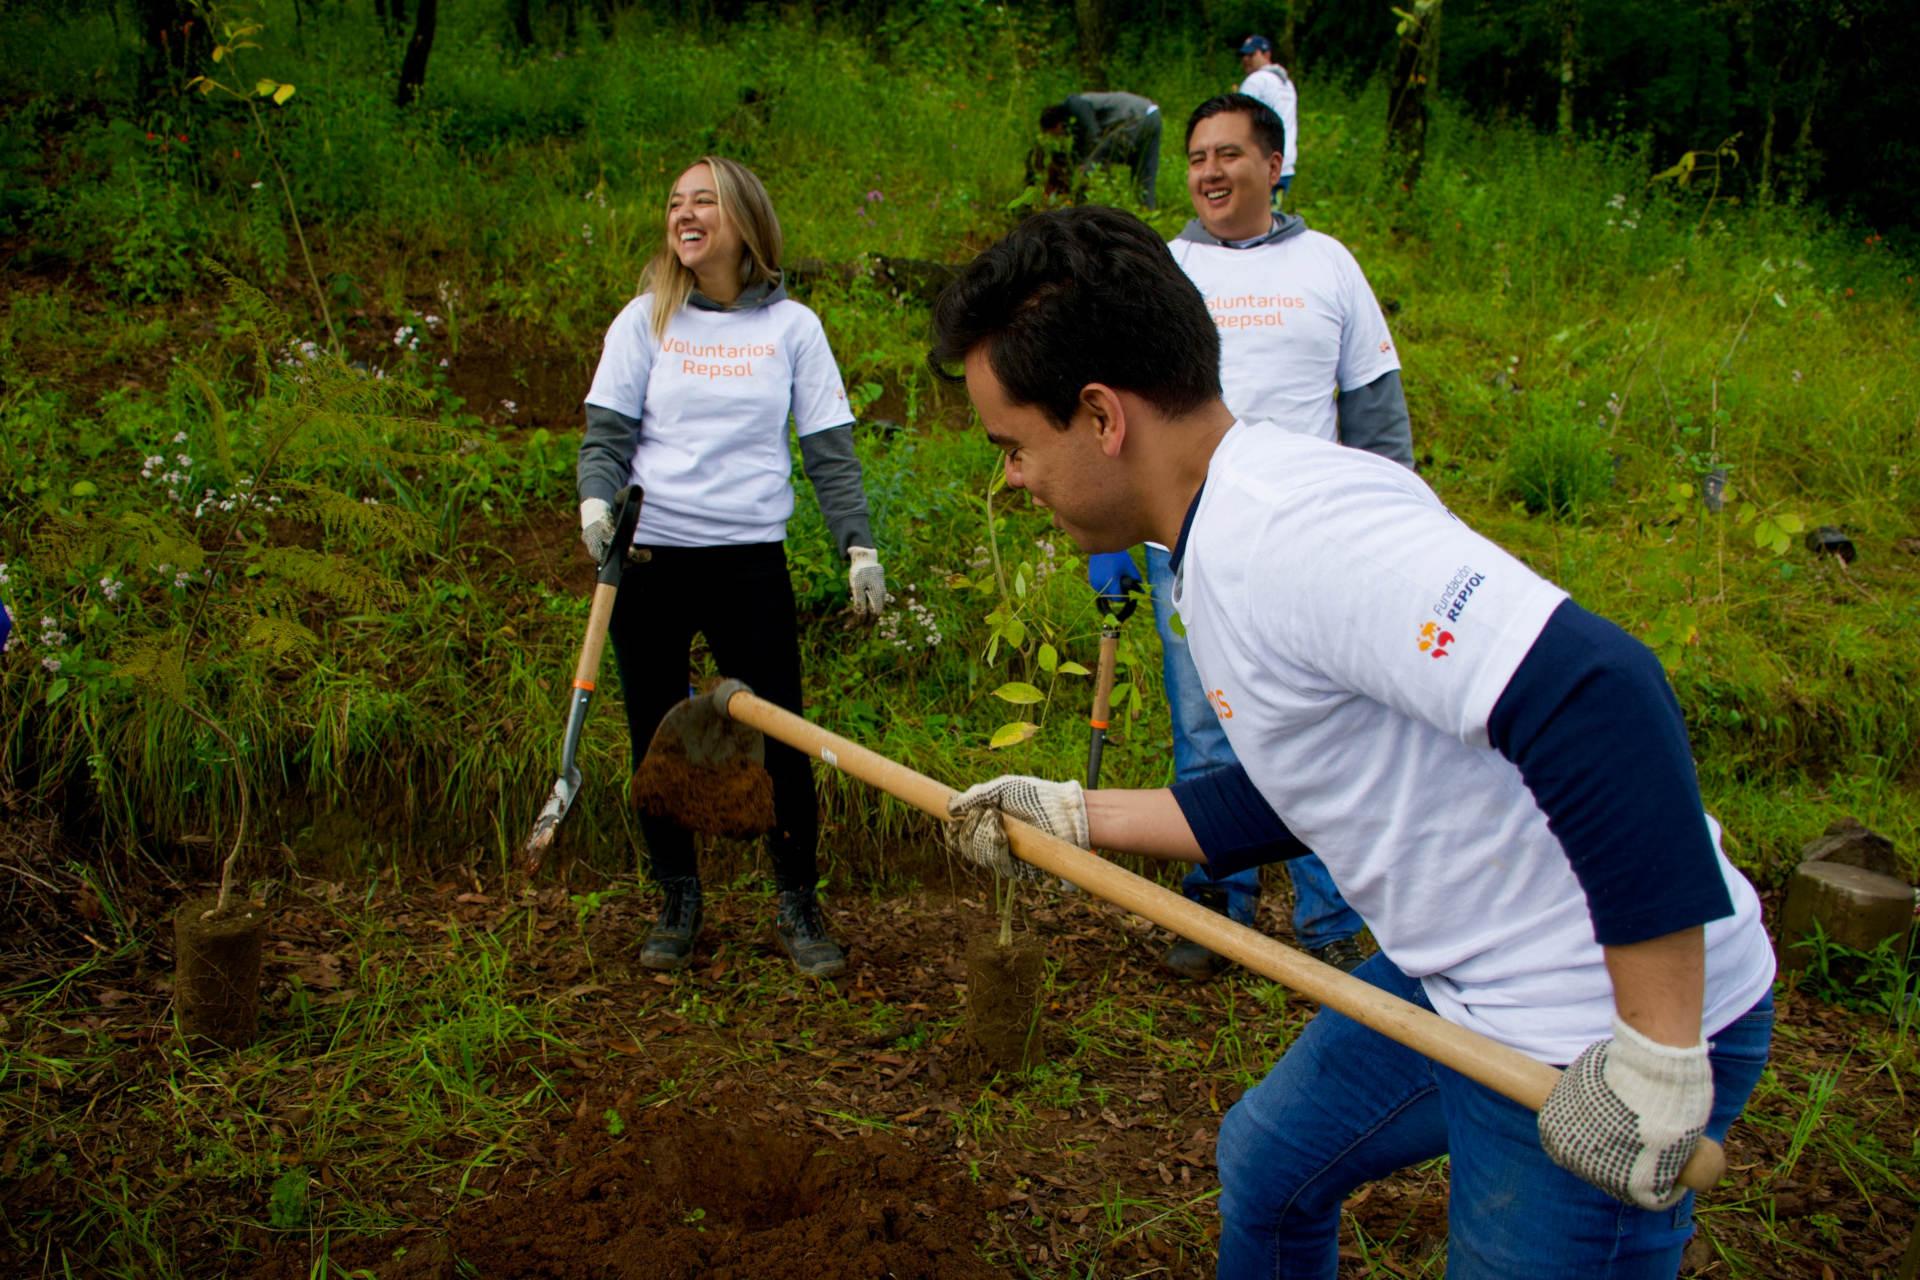 voluntarios_repsol_en_accion_ods_clima_semana_internacional_voluntariado_repsol_2019